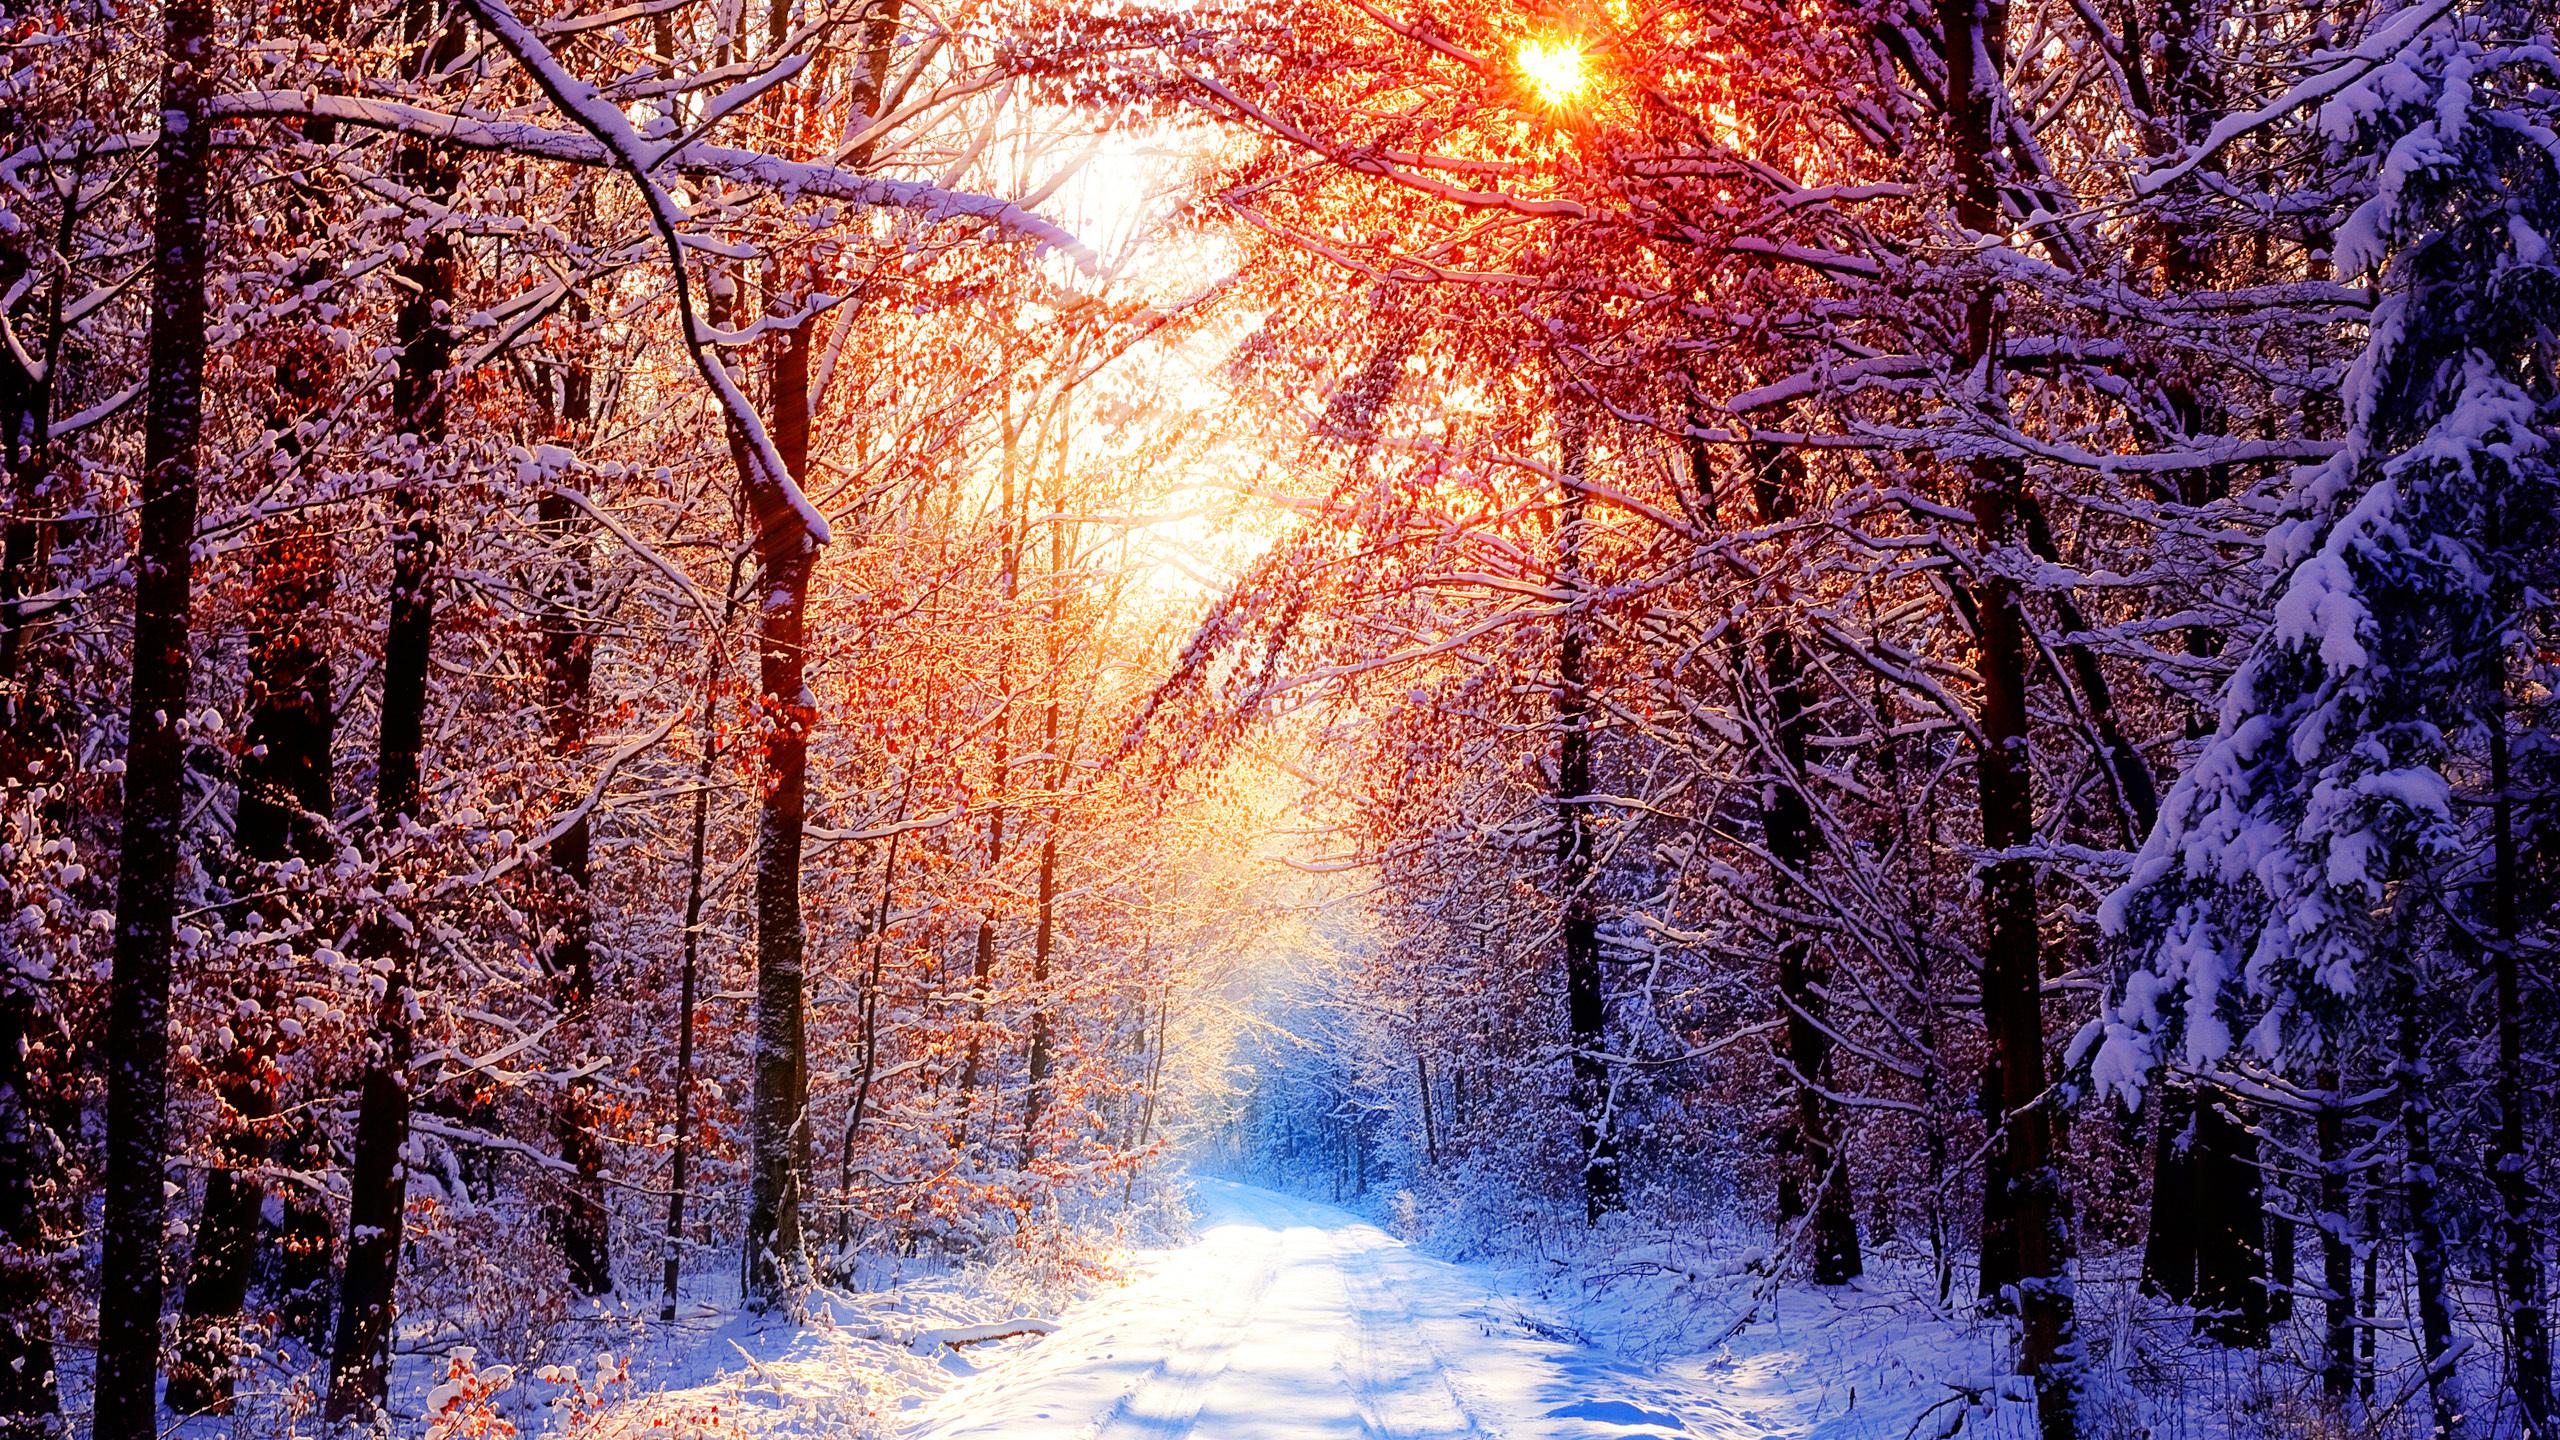 Обои для рабочего стола пейзаж зимы